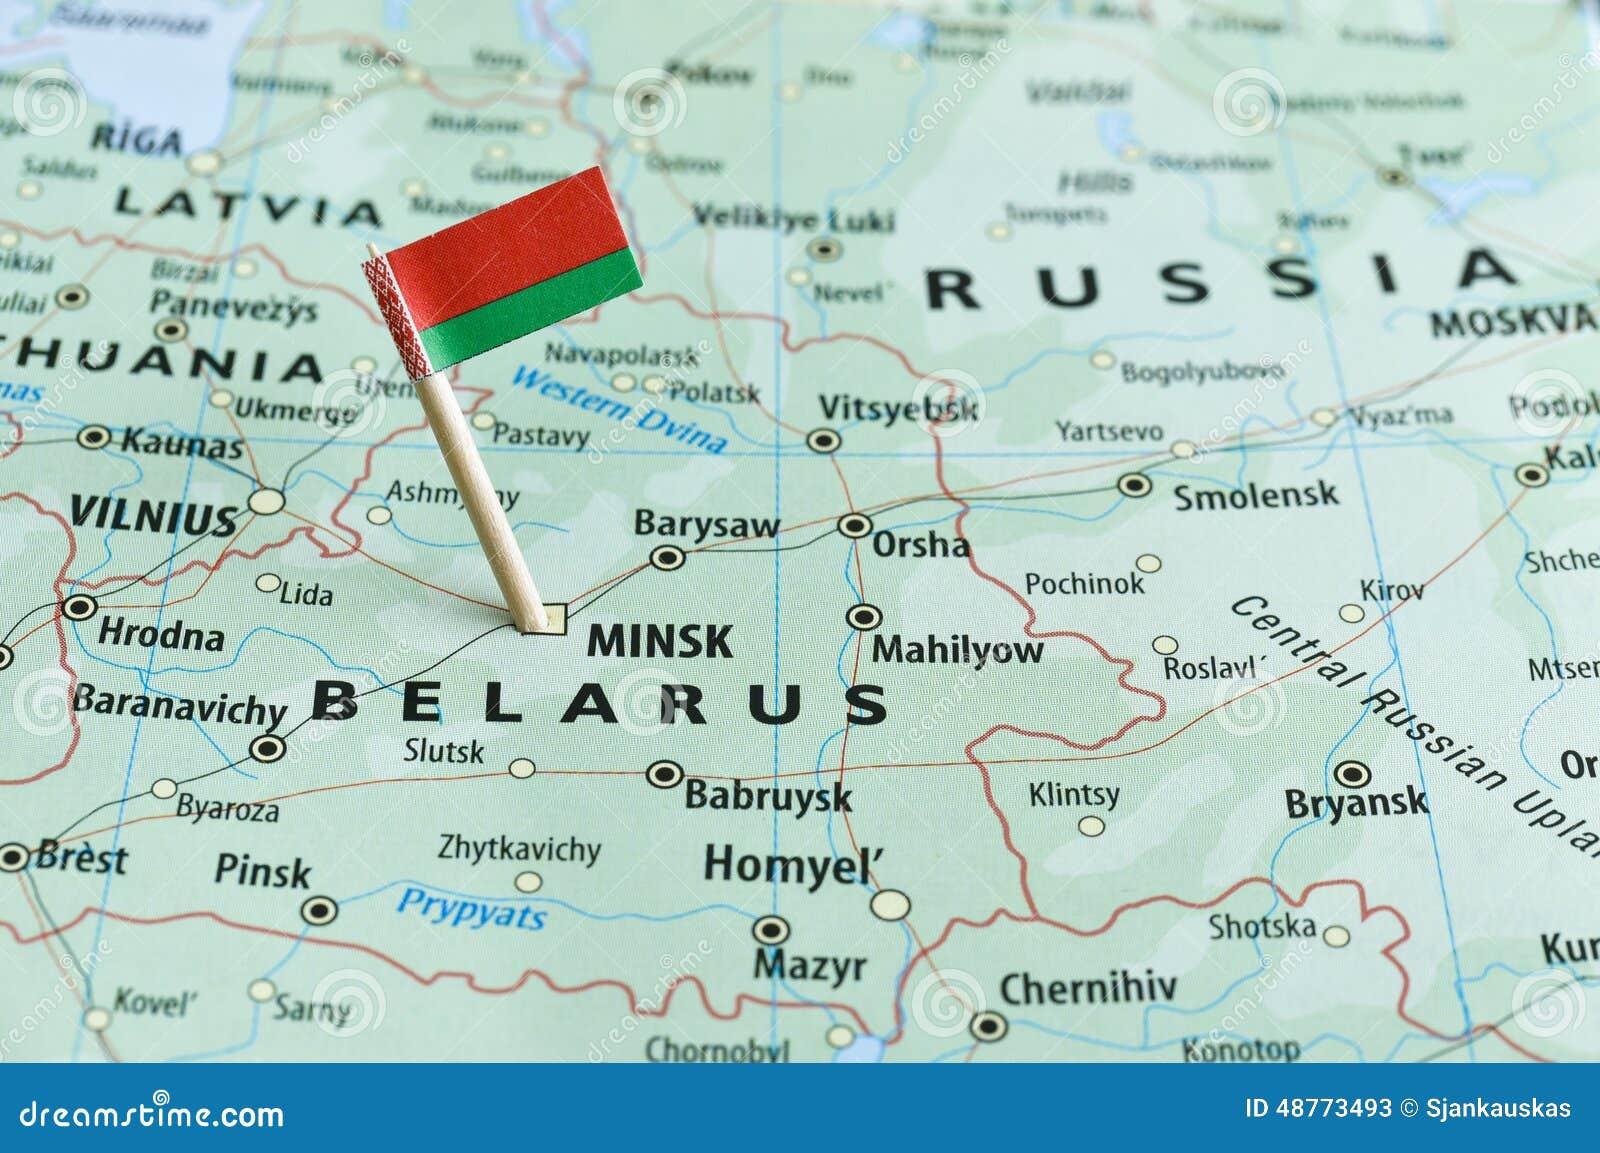 Belarus Map Flag Pin Stock Photo Image - Belarus map